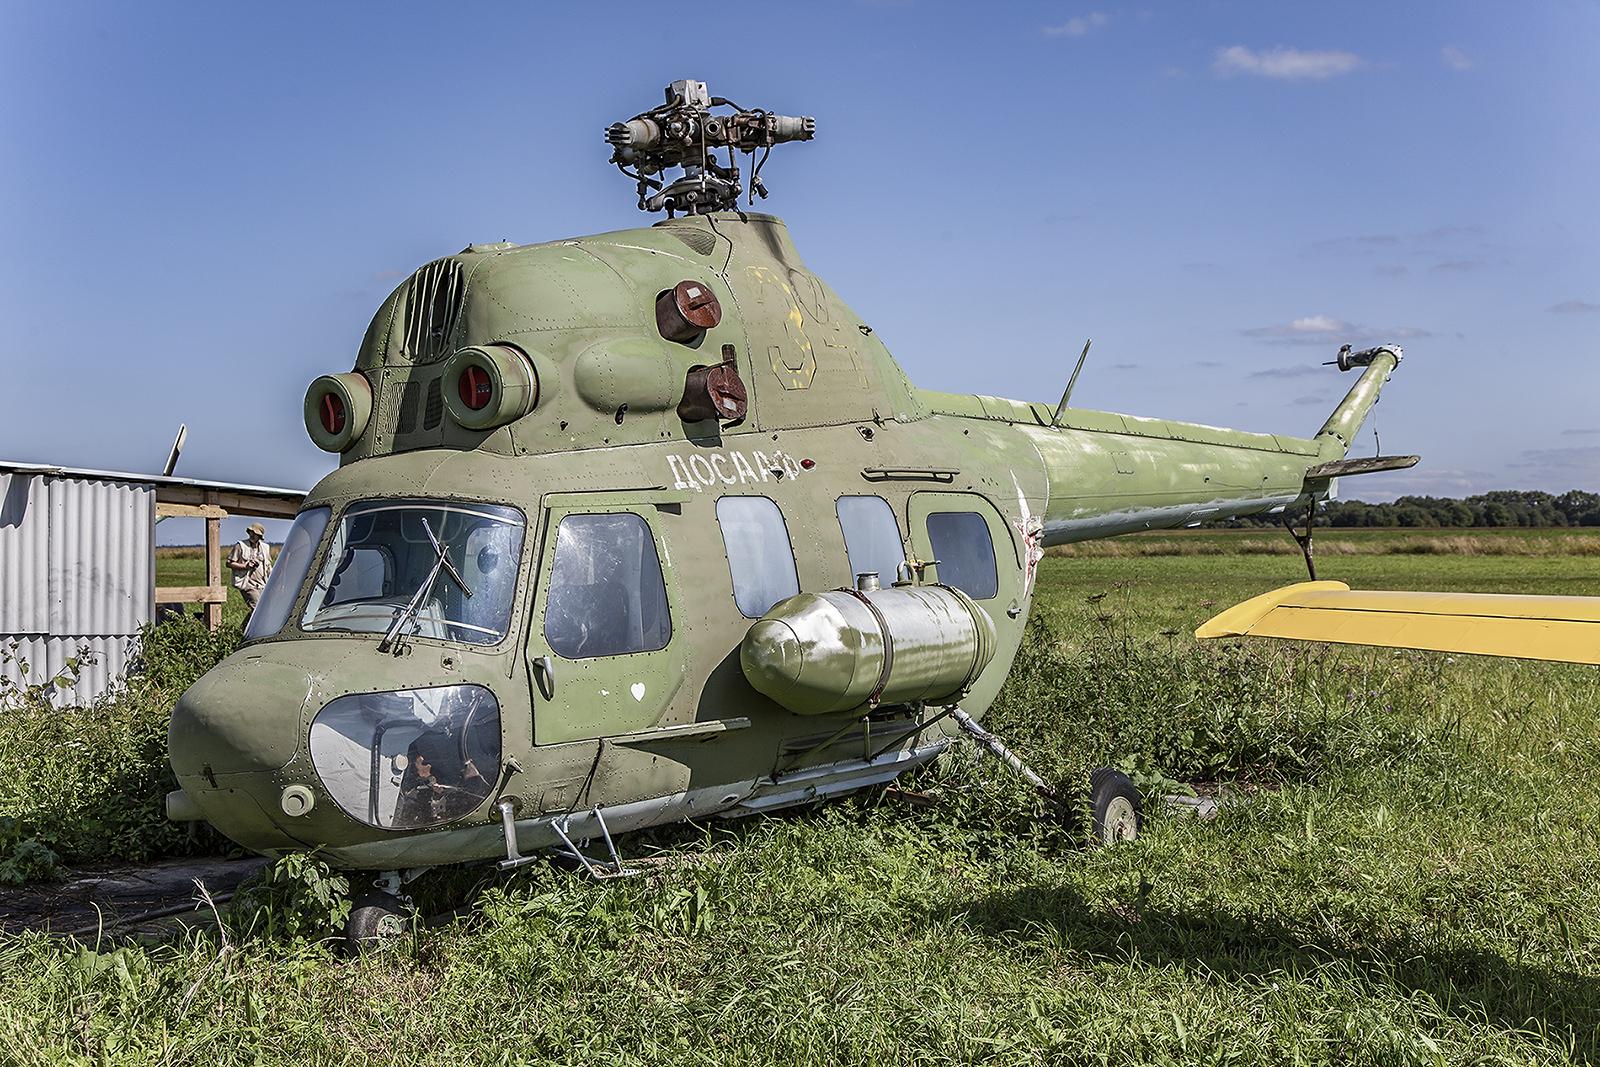 Mi-2 der DOOSAF oder das was davon übrig ist.